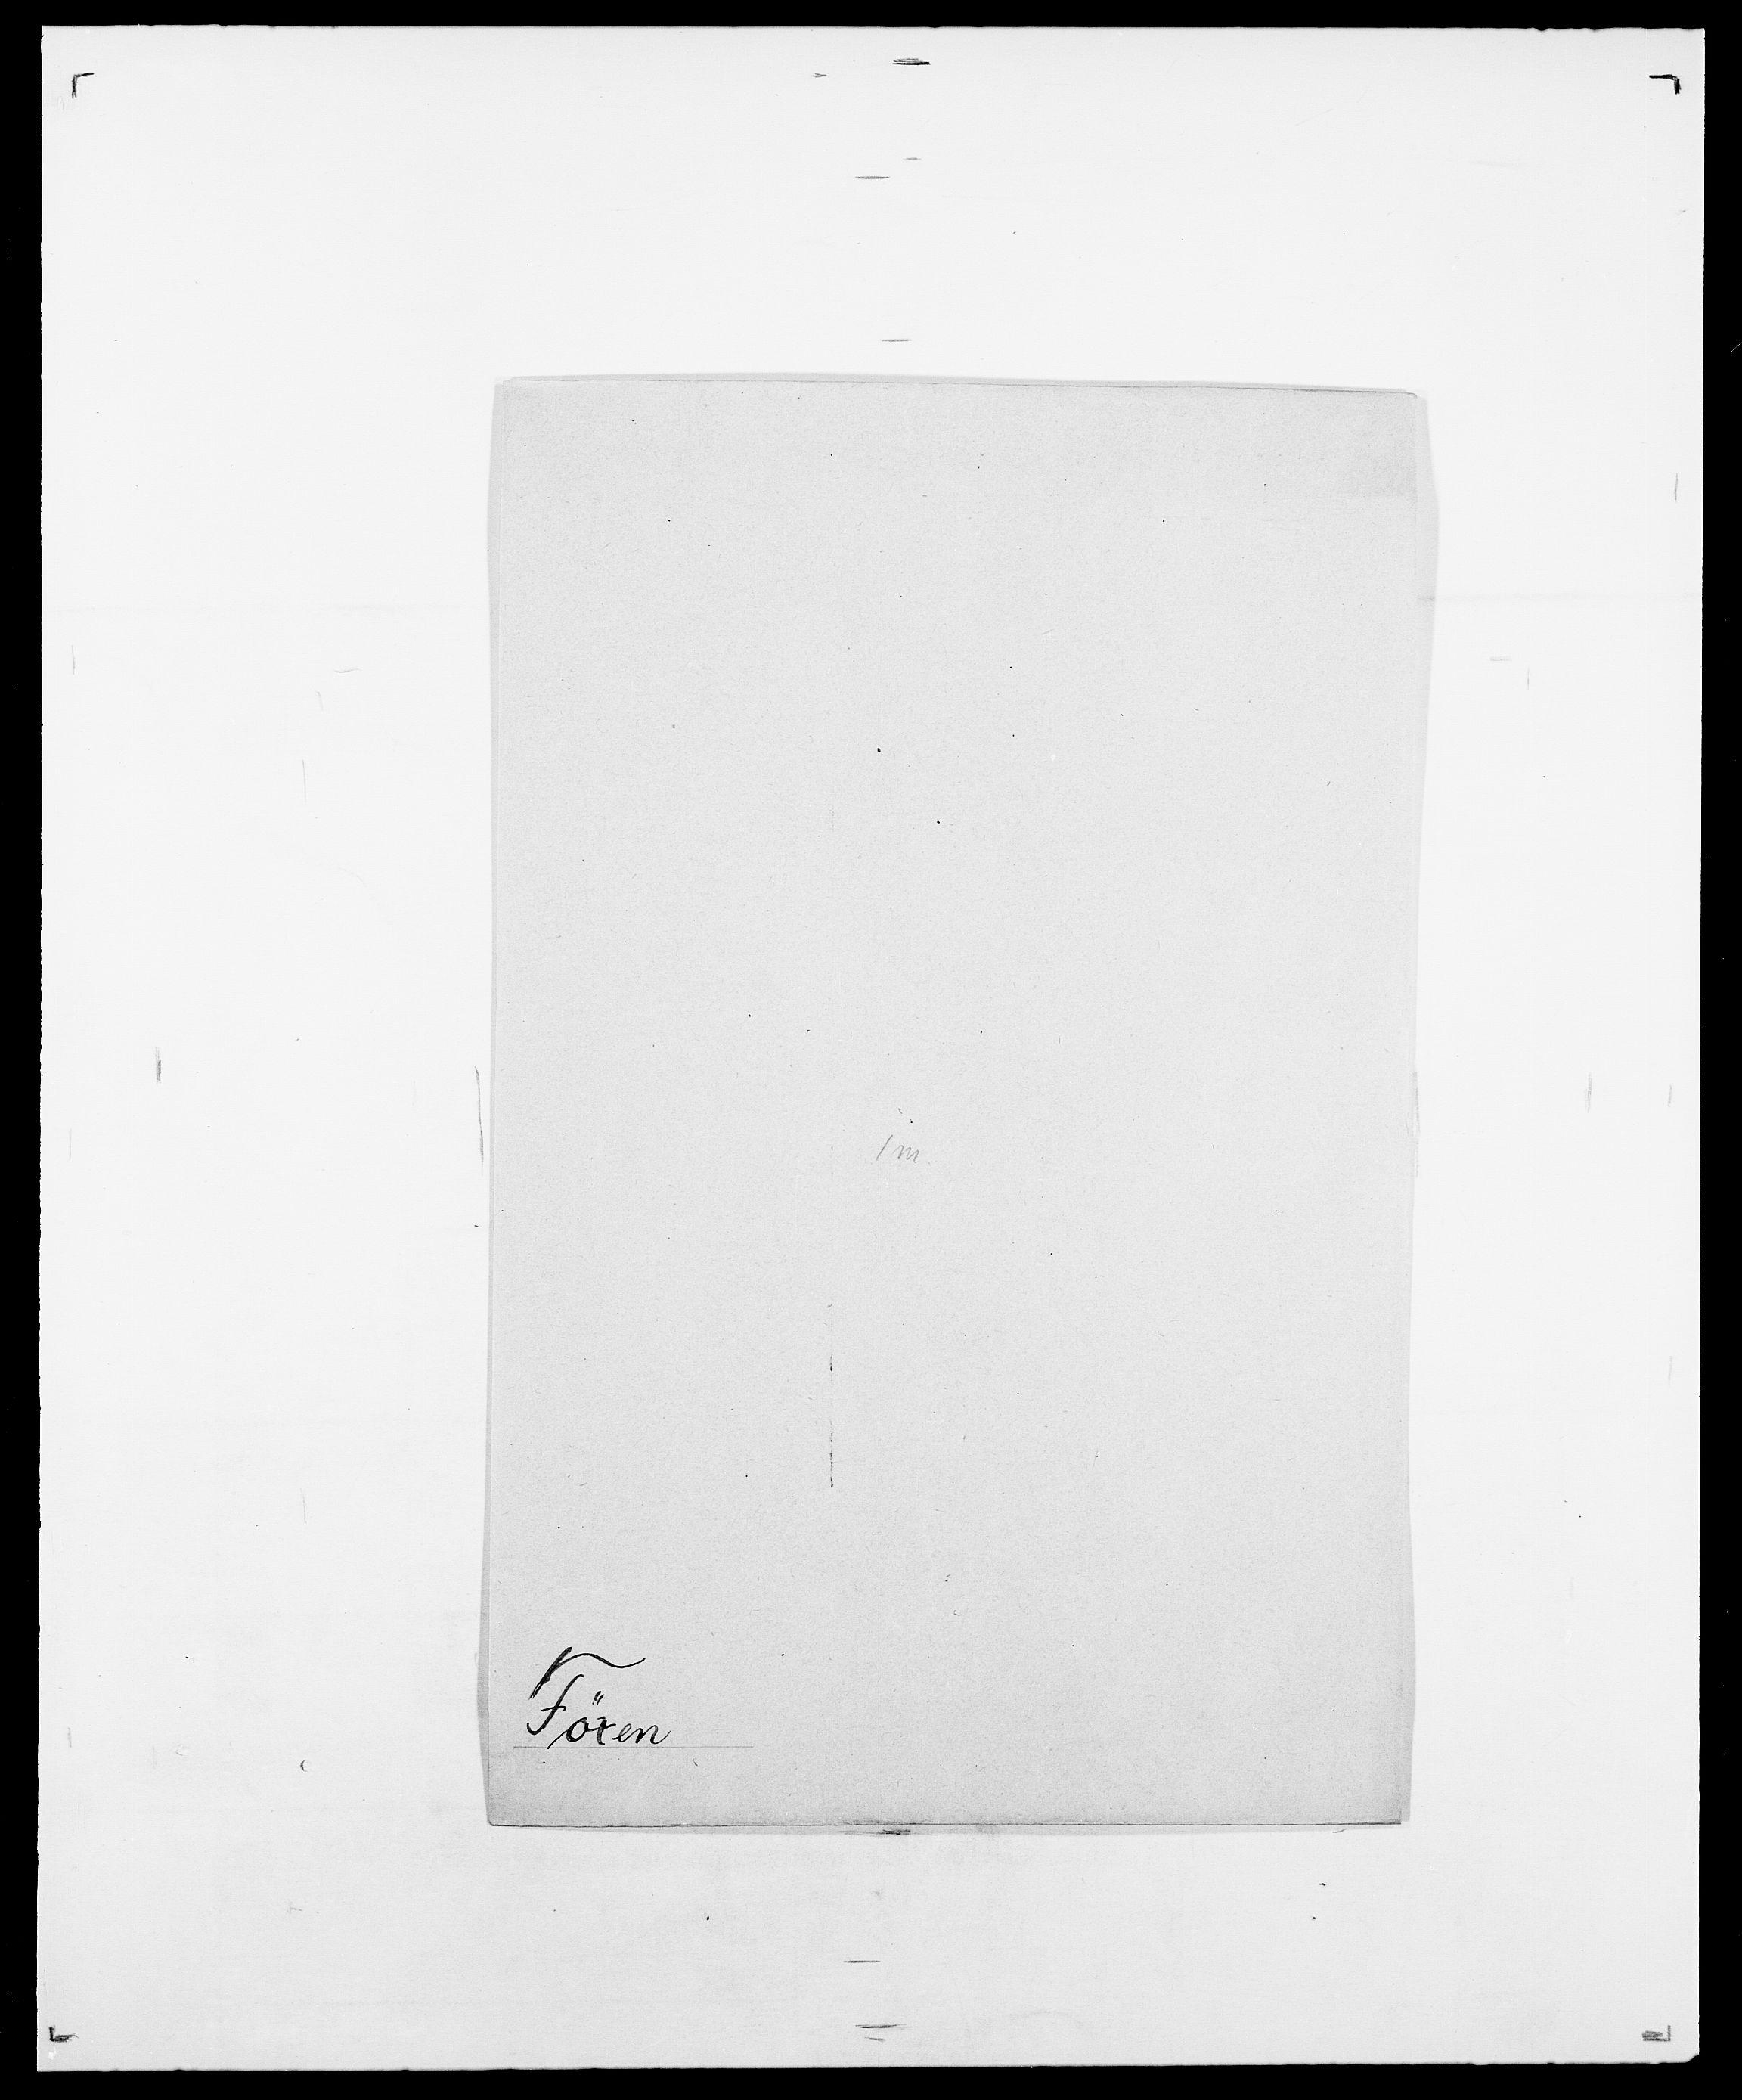 SAO, Delgobe, Charles Antoine - samling, D/Da/L0013: Forbos - Geving, s. 300